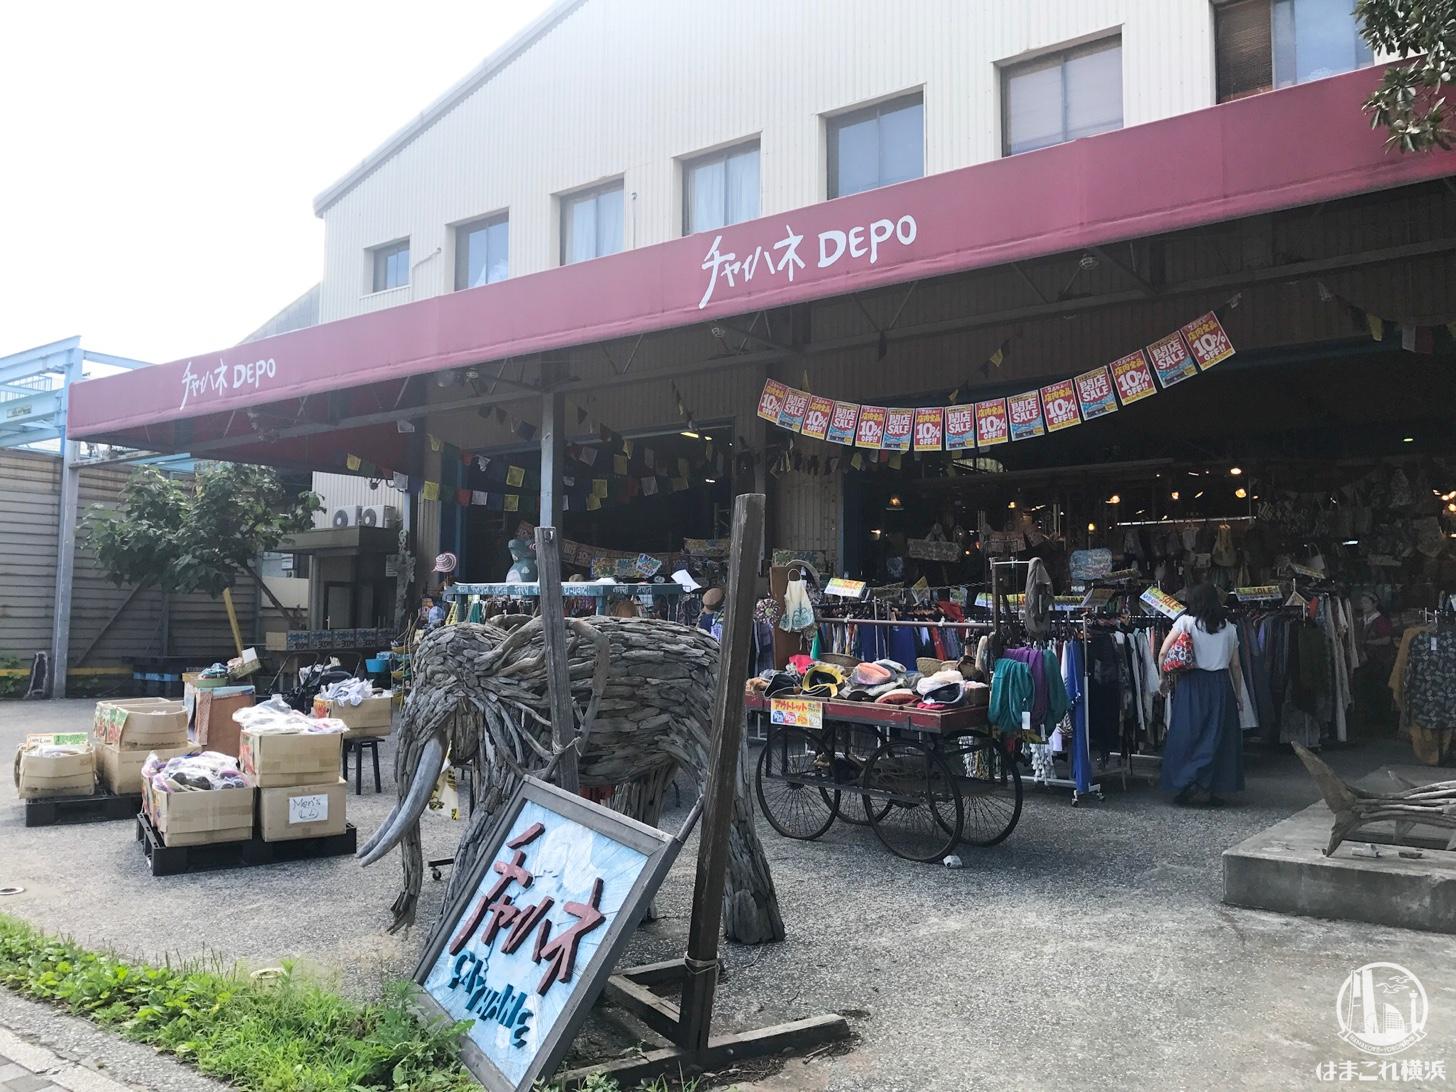 チャイハネ DEPO 横浜ベイサイド店が2018年9月25日に閉店